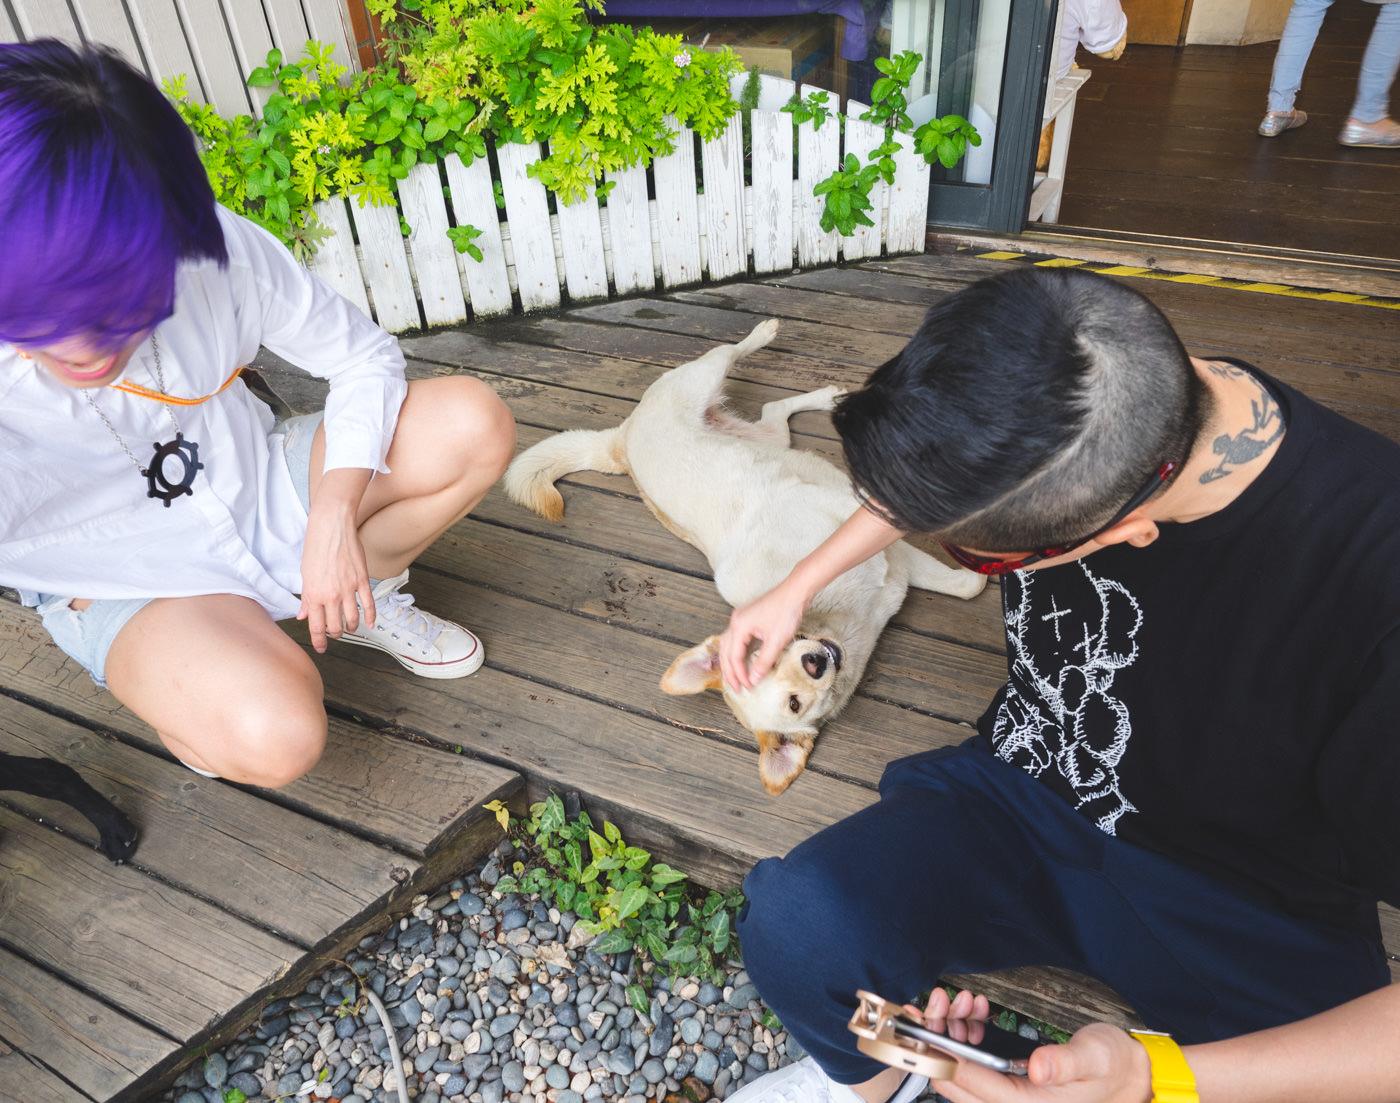 Taiwan - Qingjing - E & A playing with dogs